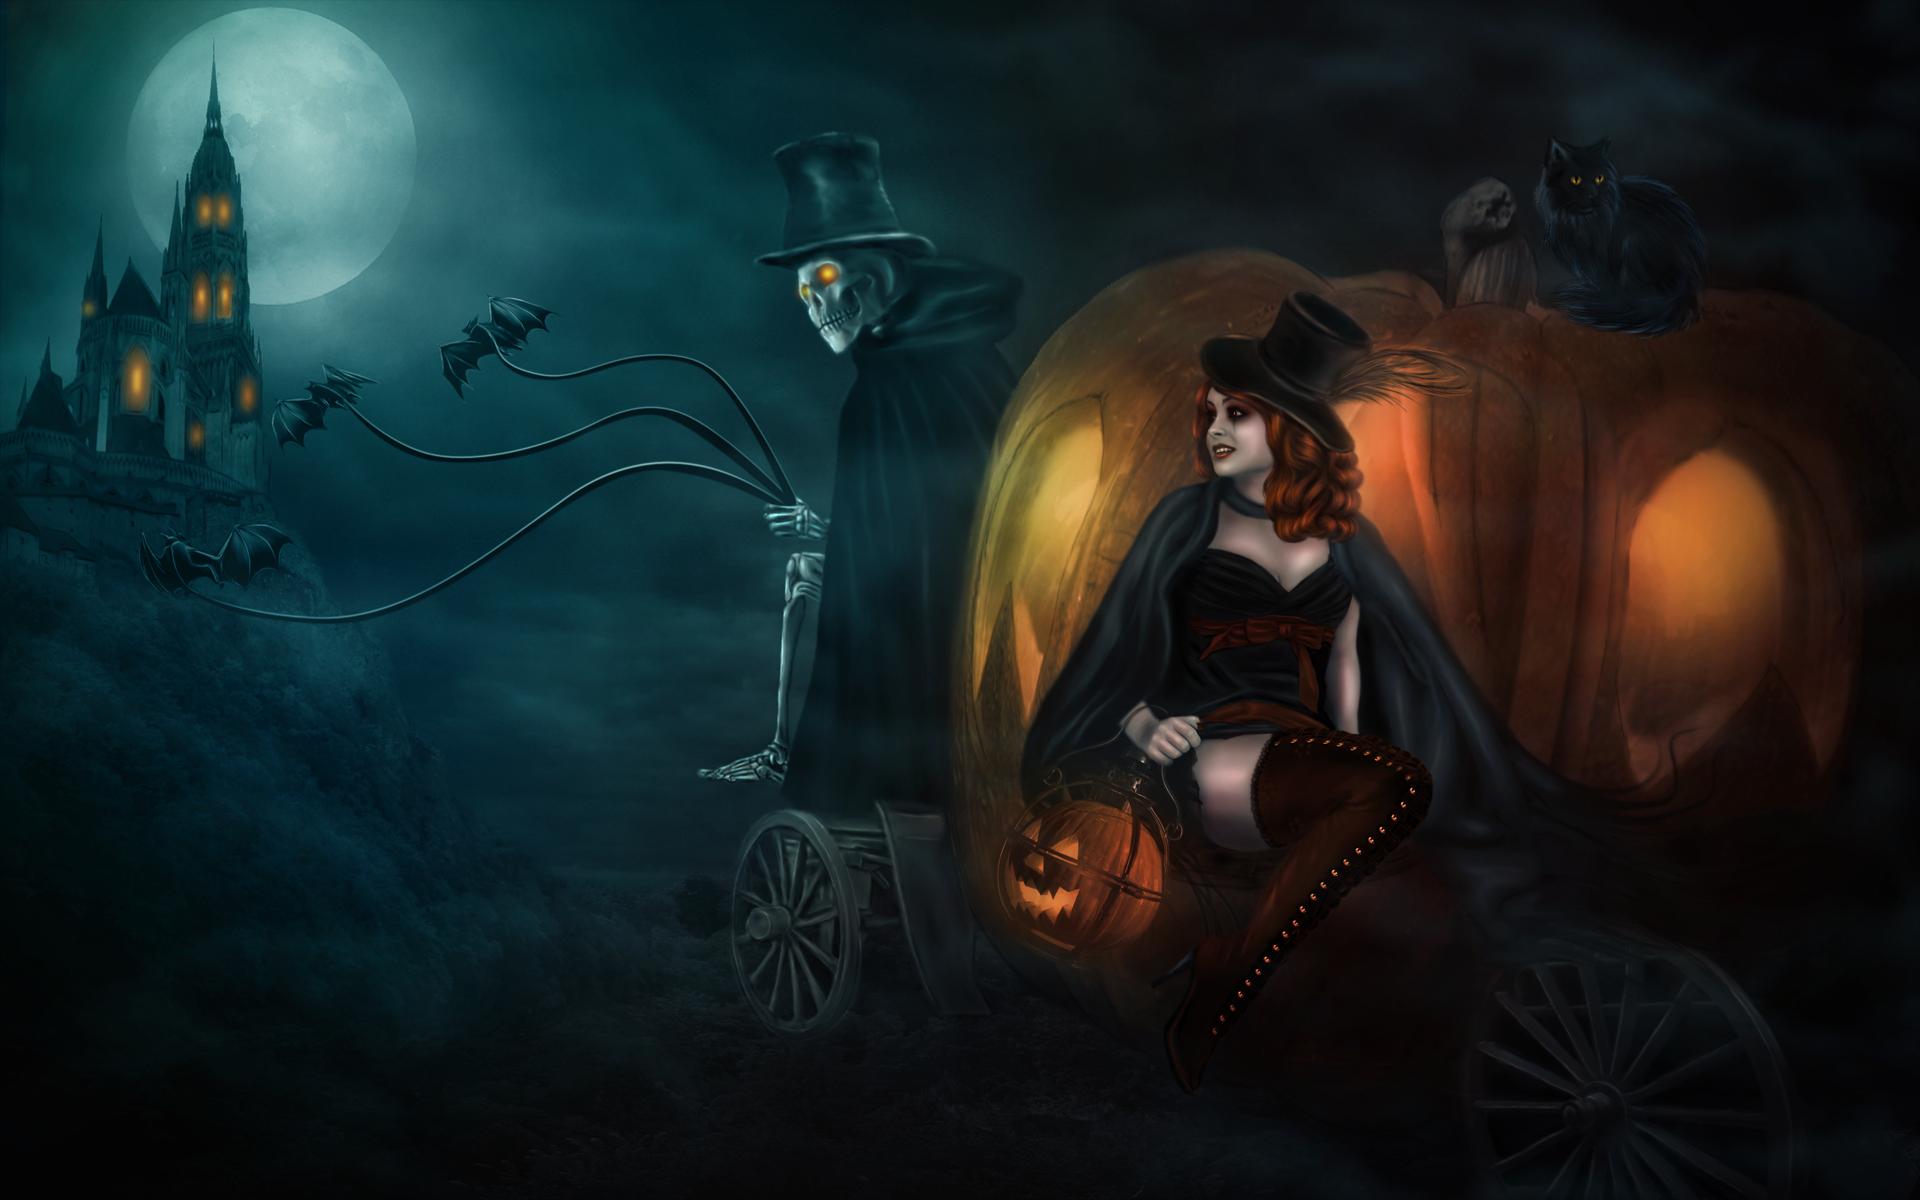 Witch on a pumpkin cat wallpaper 14931 1920x1200